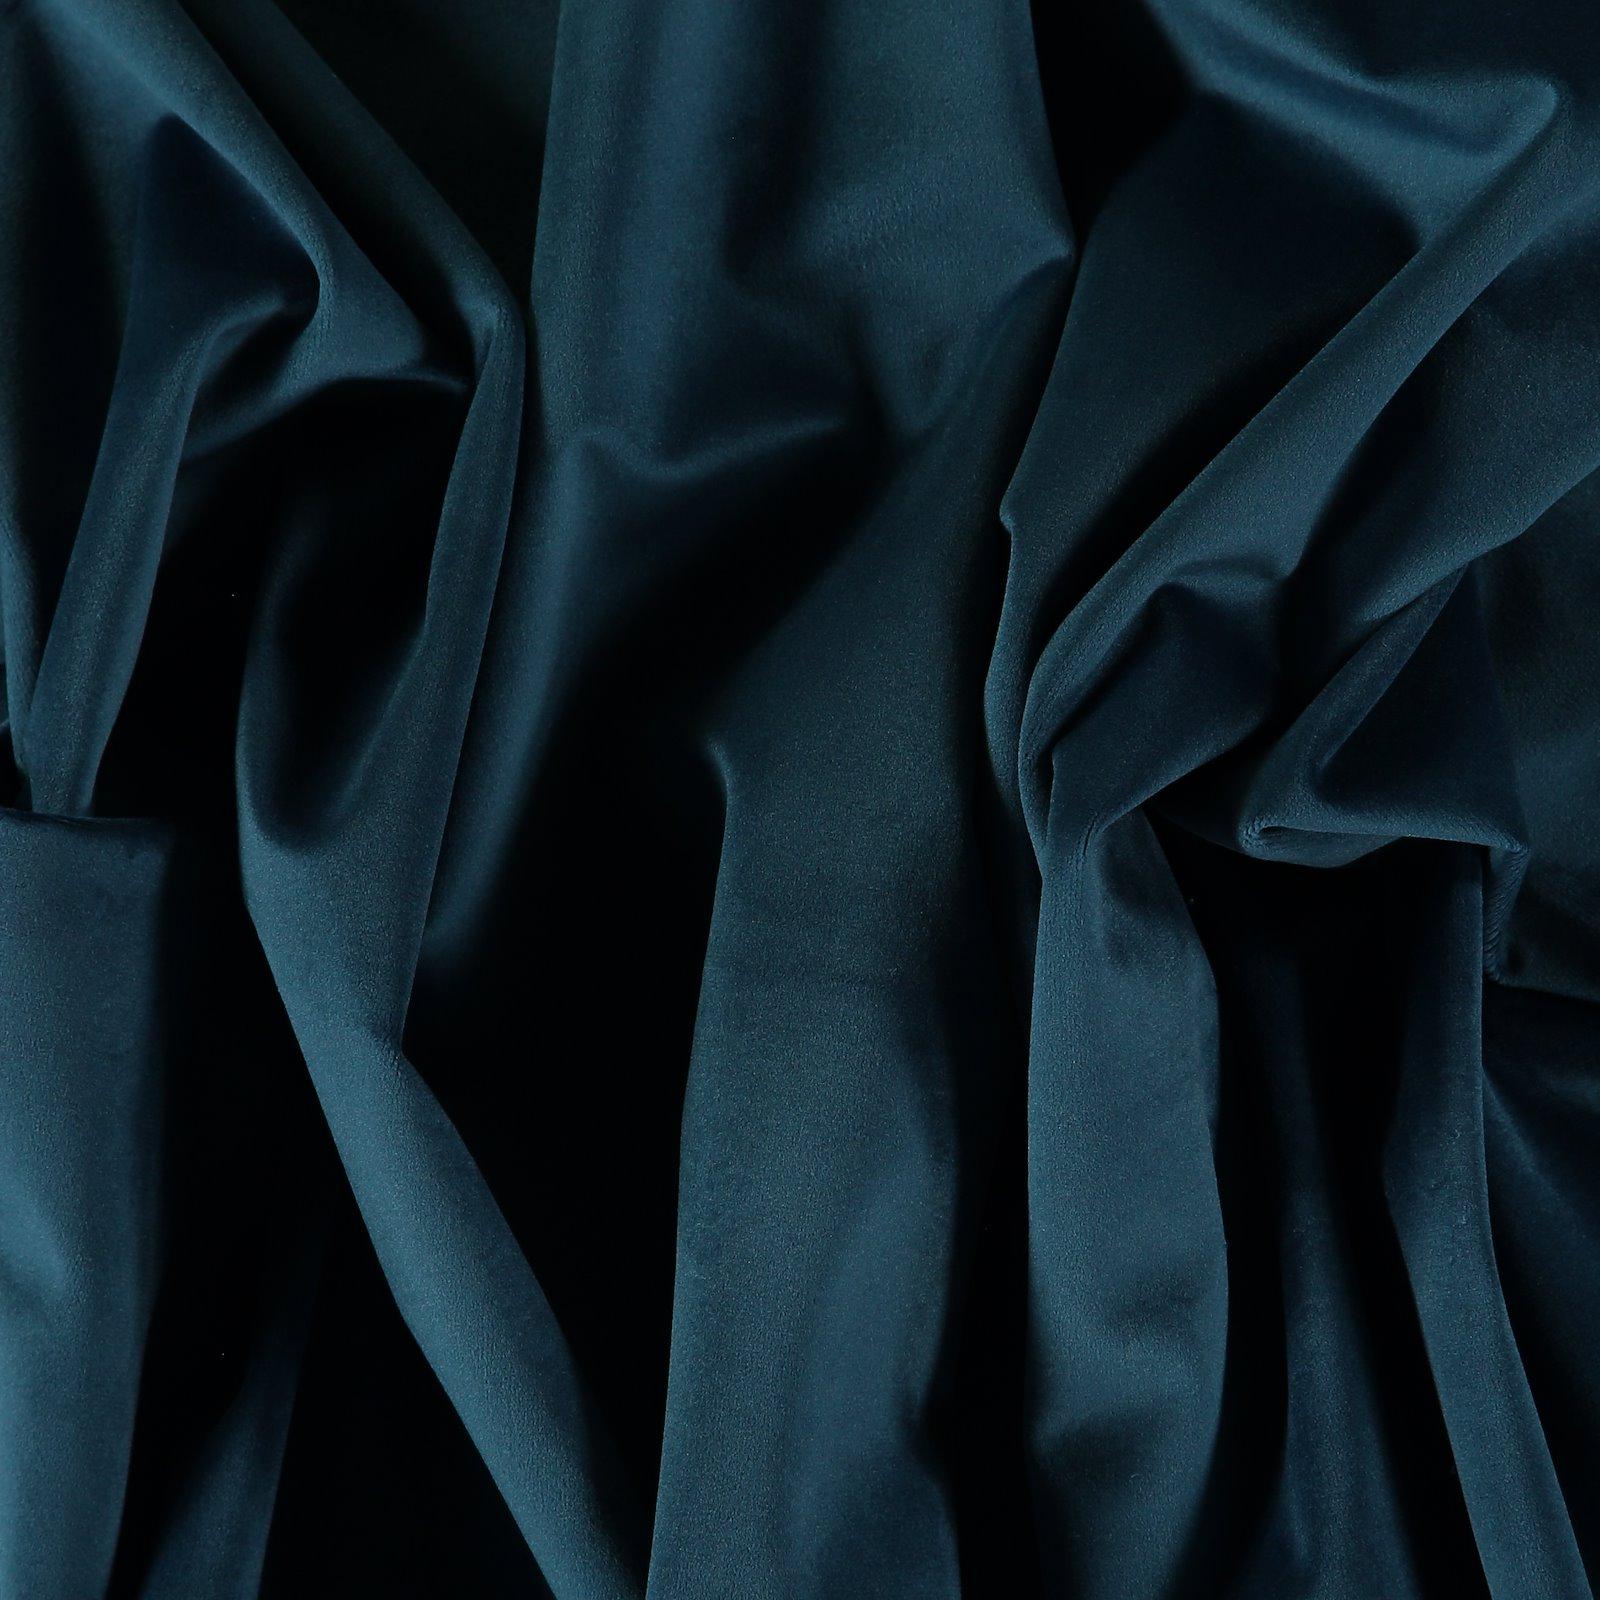 Upholstery shiny velvet petrol blue 824056_pack